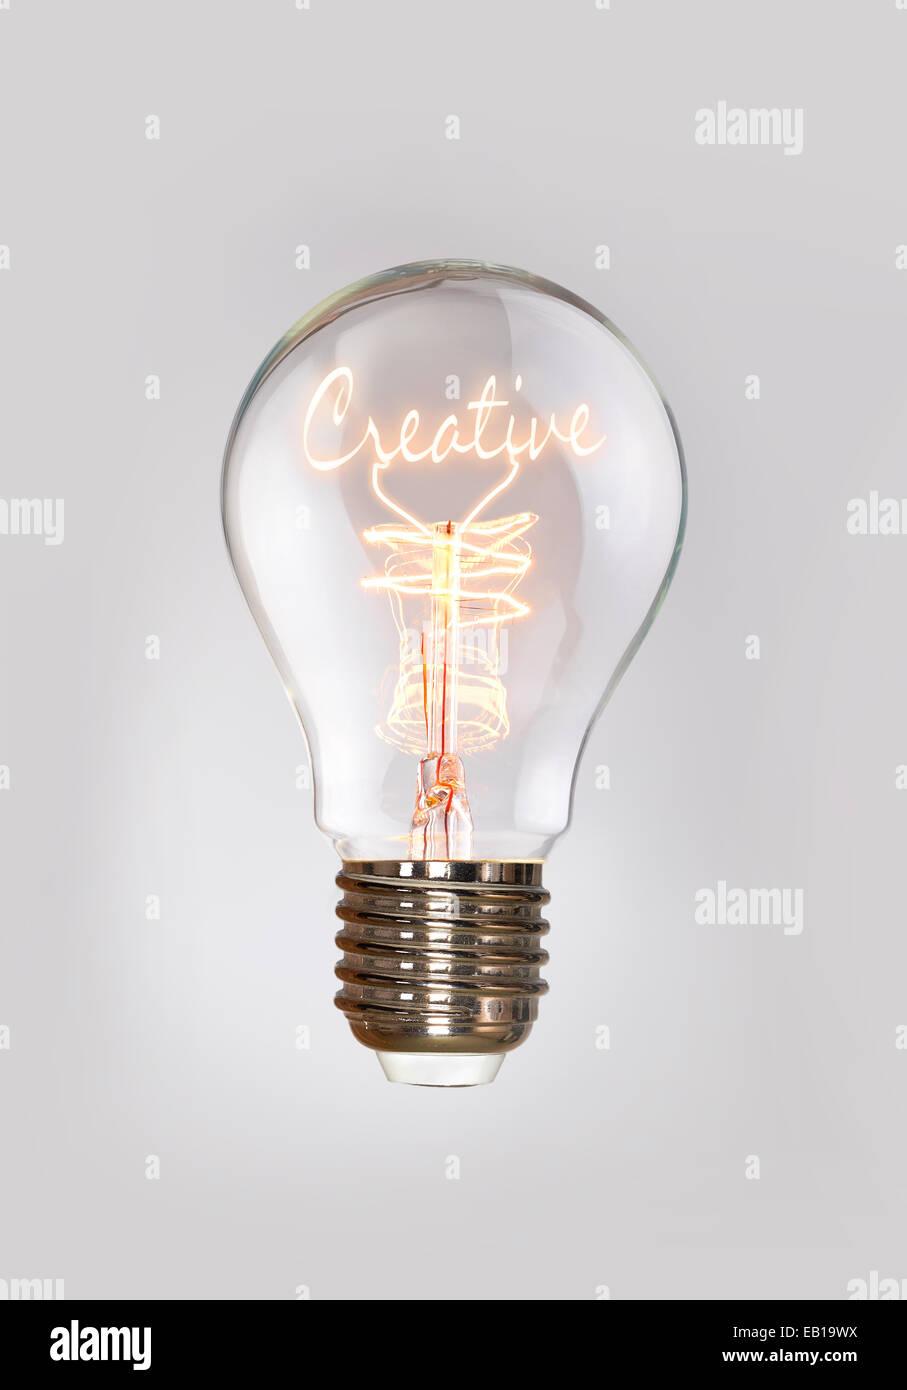 Concept créatif dans une ampoule à incandescence. Photo Stock